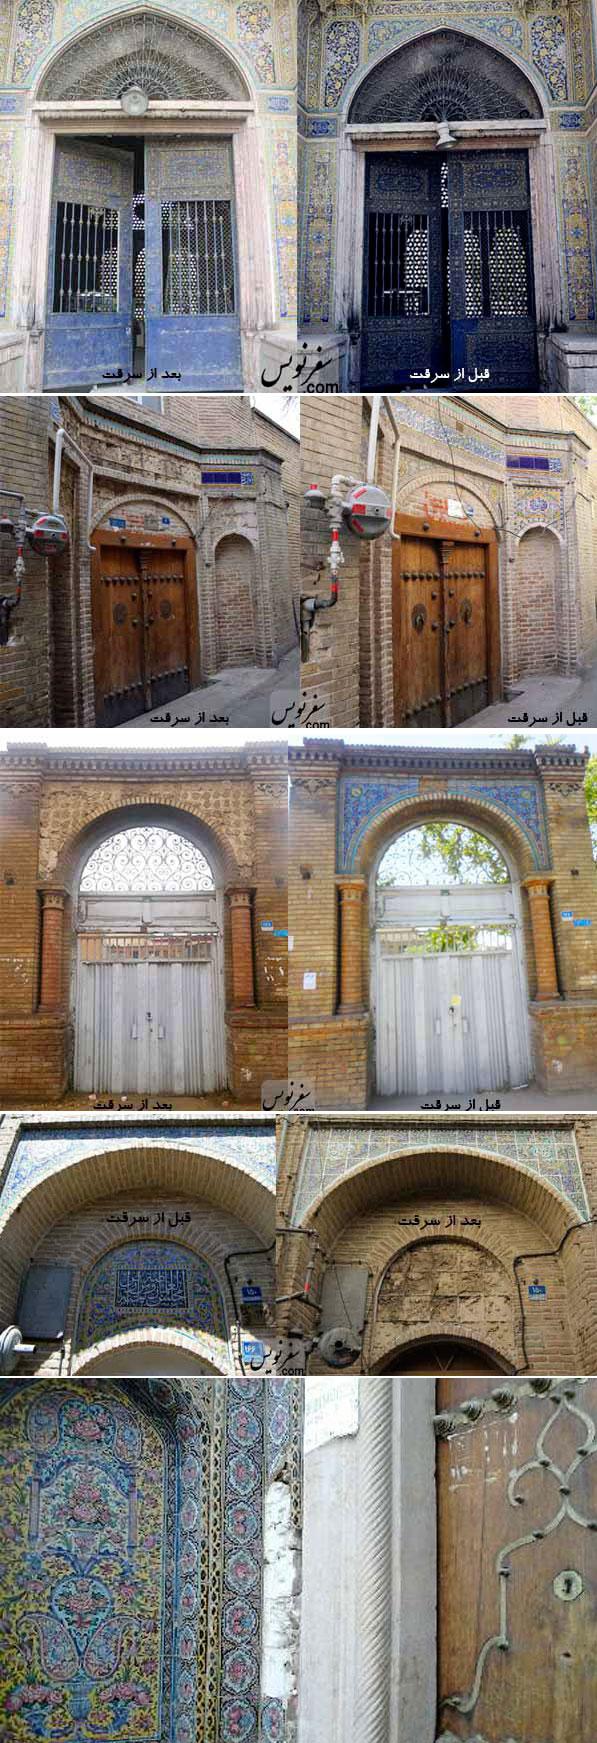 فروش کاشیهای سرقت شده از اماکن تاریخی به عنوان دکوراسیون!